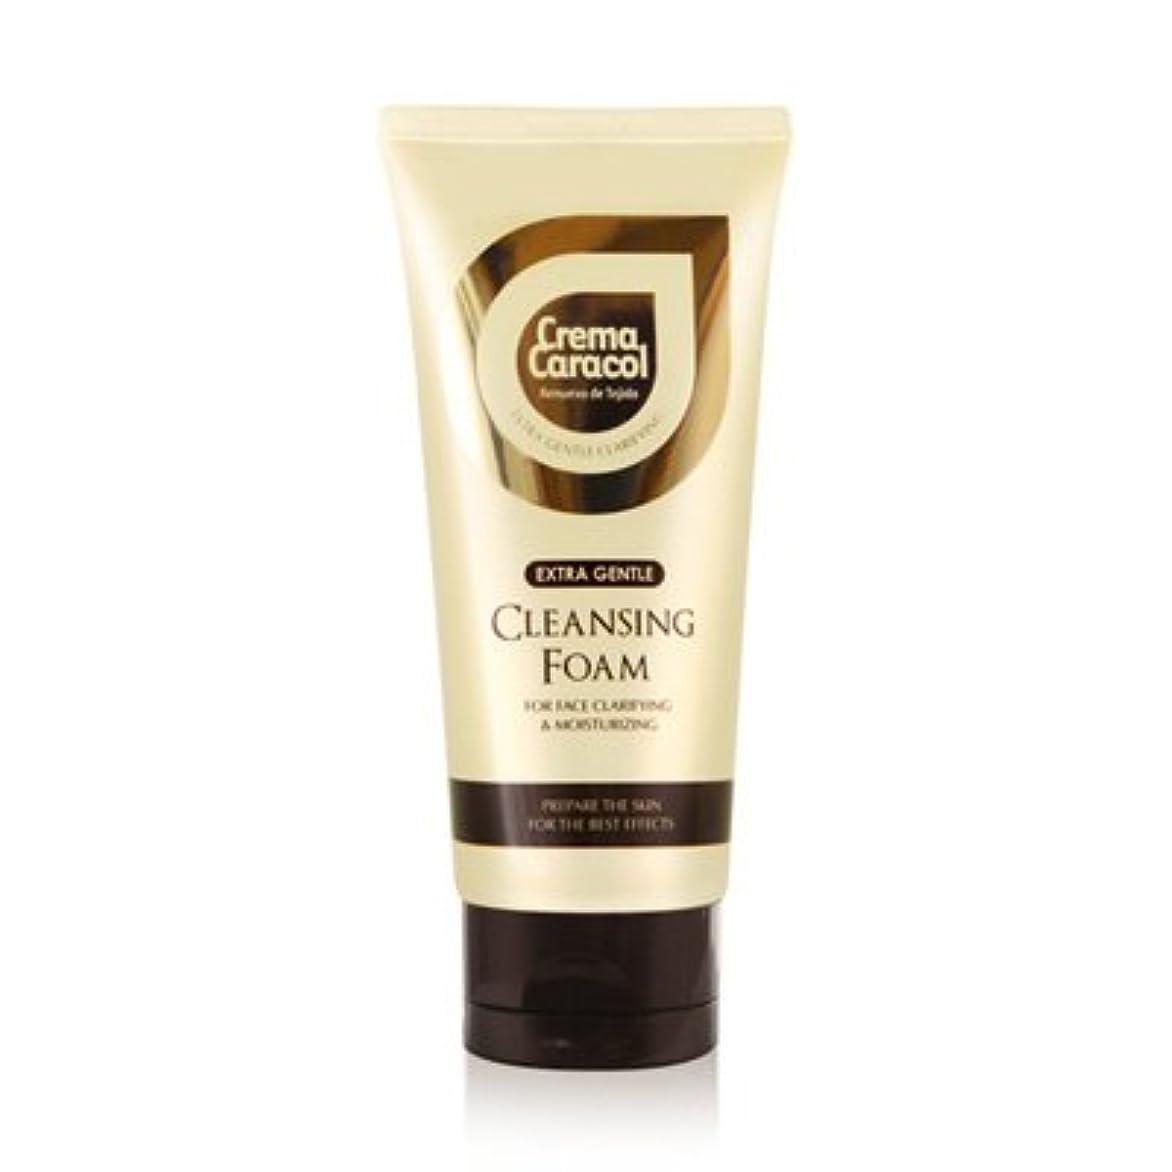 汚れた薬を飲む同種のジャミンギョン [Jaminkyung] Crema Caracol Extra Gentle Cleansing Foam175ml エクストラジェントル カタツムリクレンジングフォーム175ml